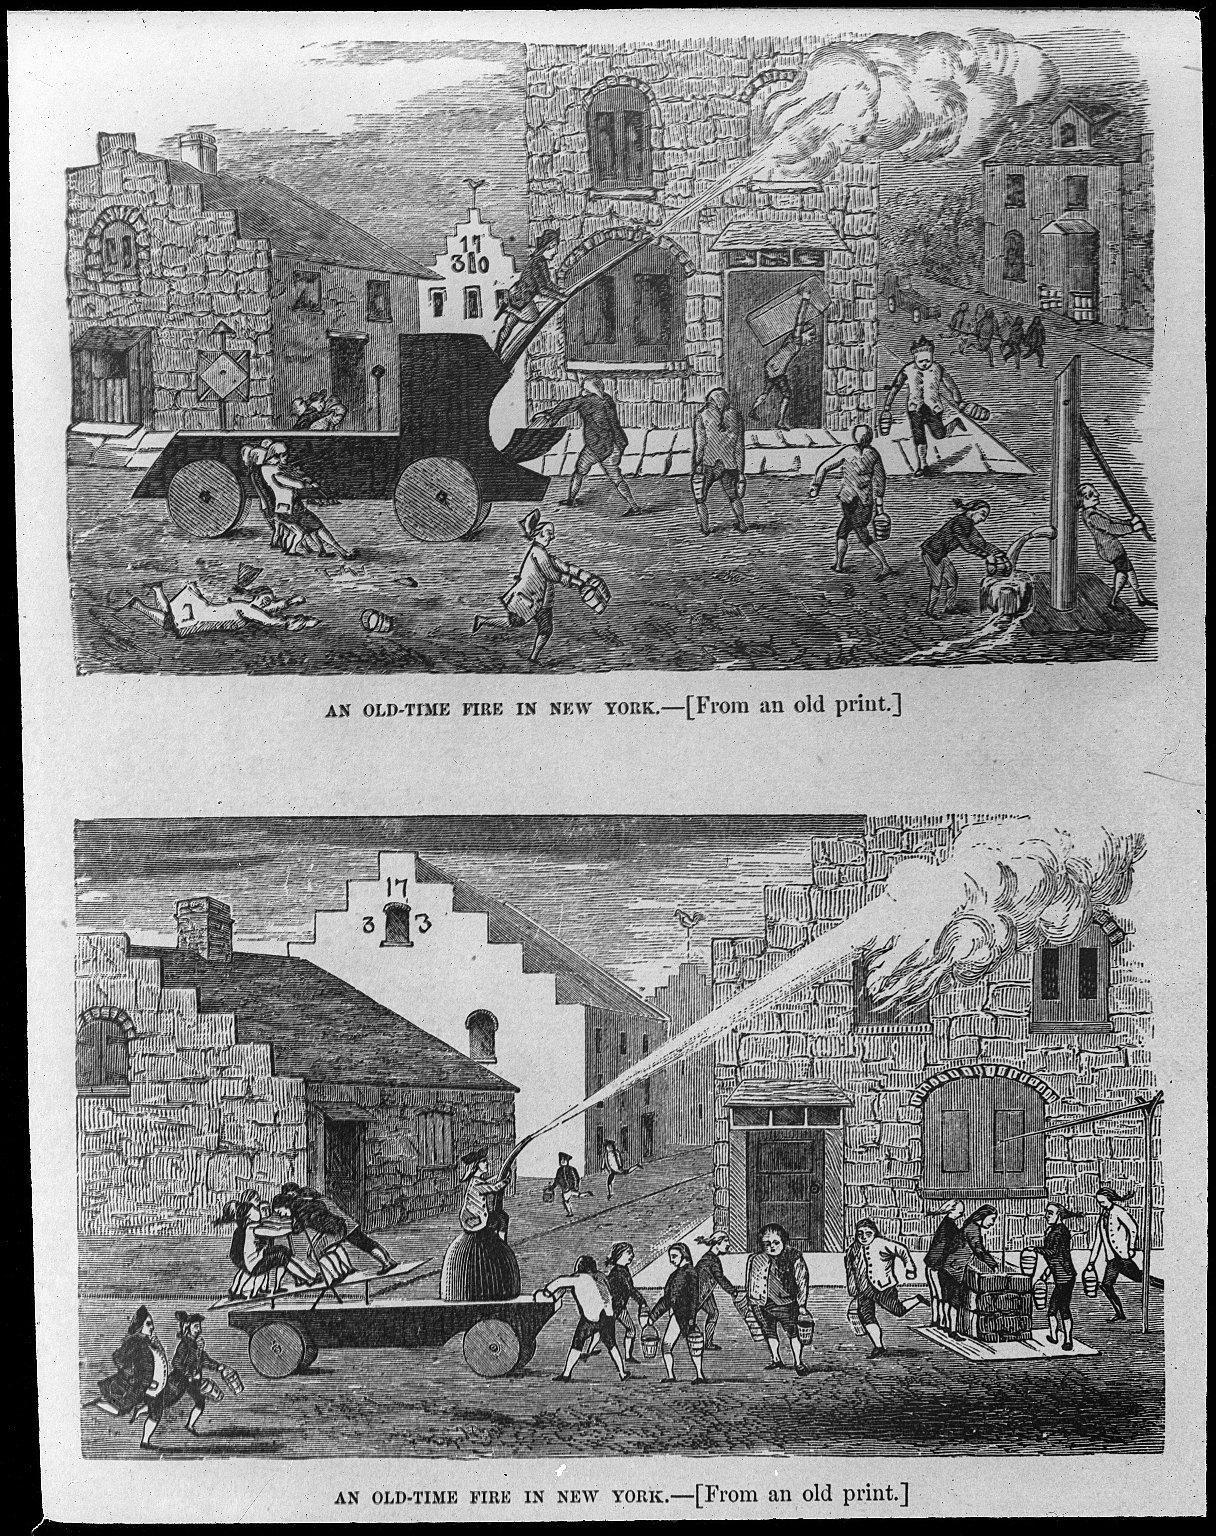 Пожары в Нью-Йорке в старые времена